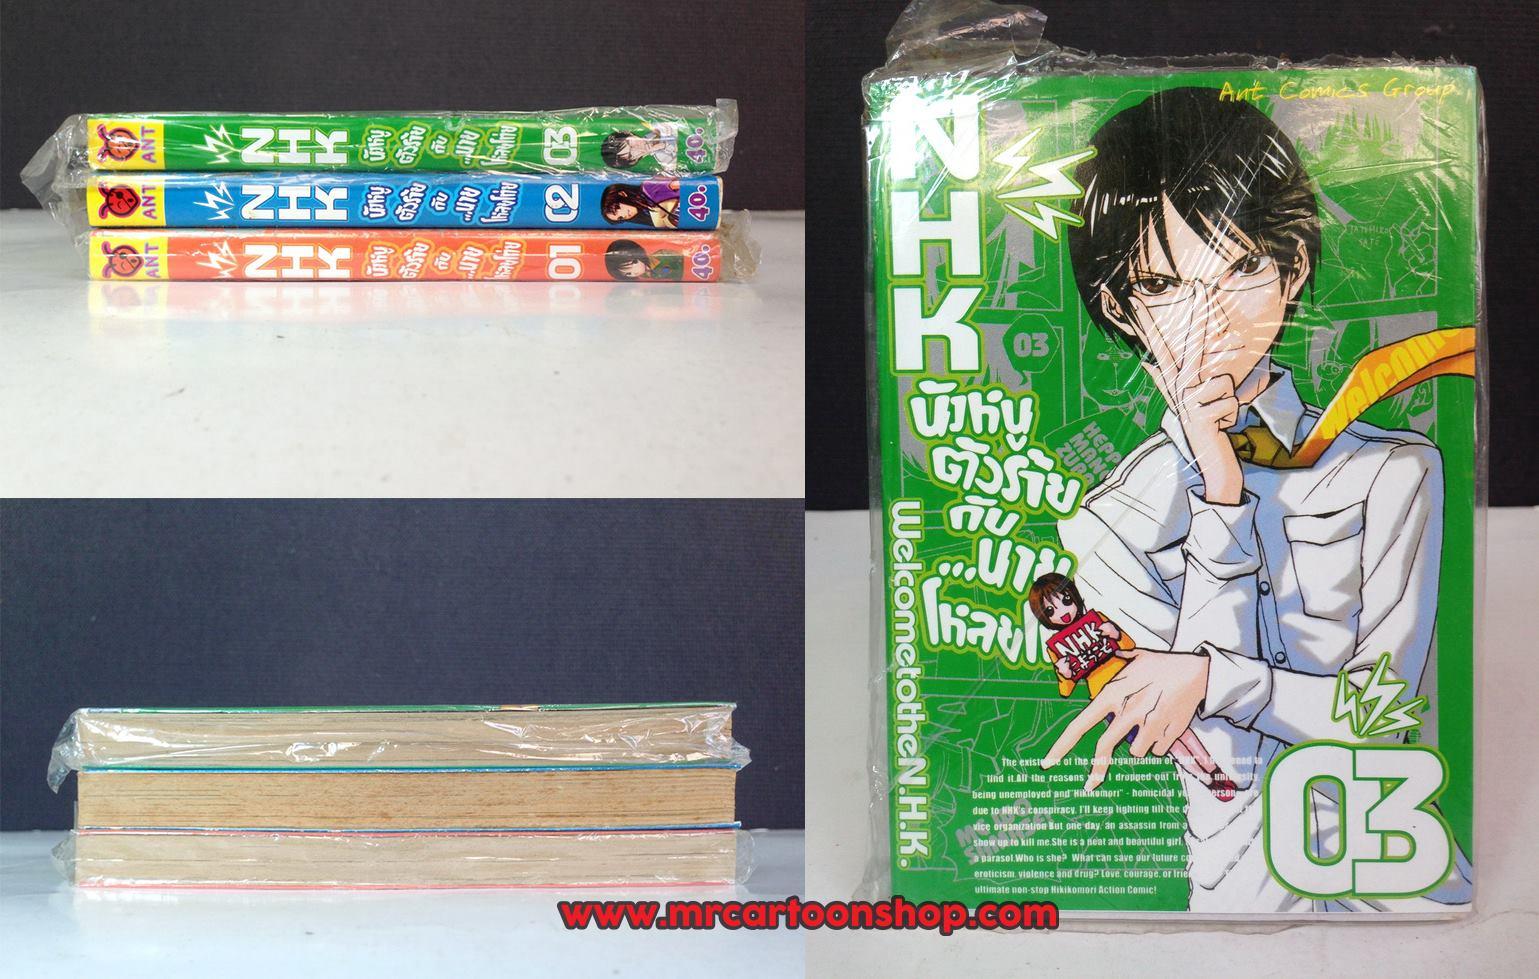 NHK นังหนูตัวร้ายกับนายโหลยโท่ย 3 เล่ม